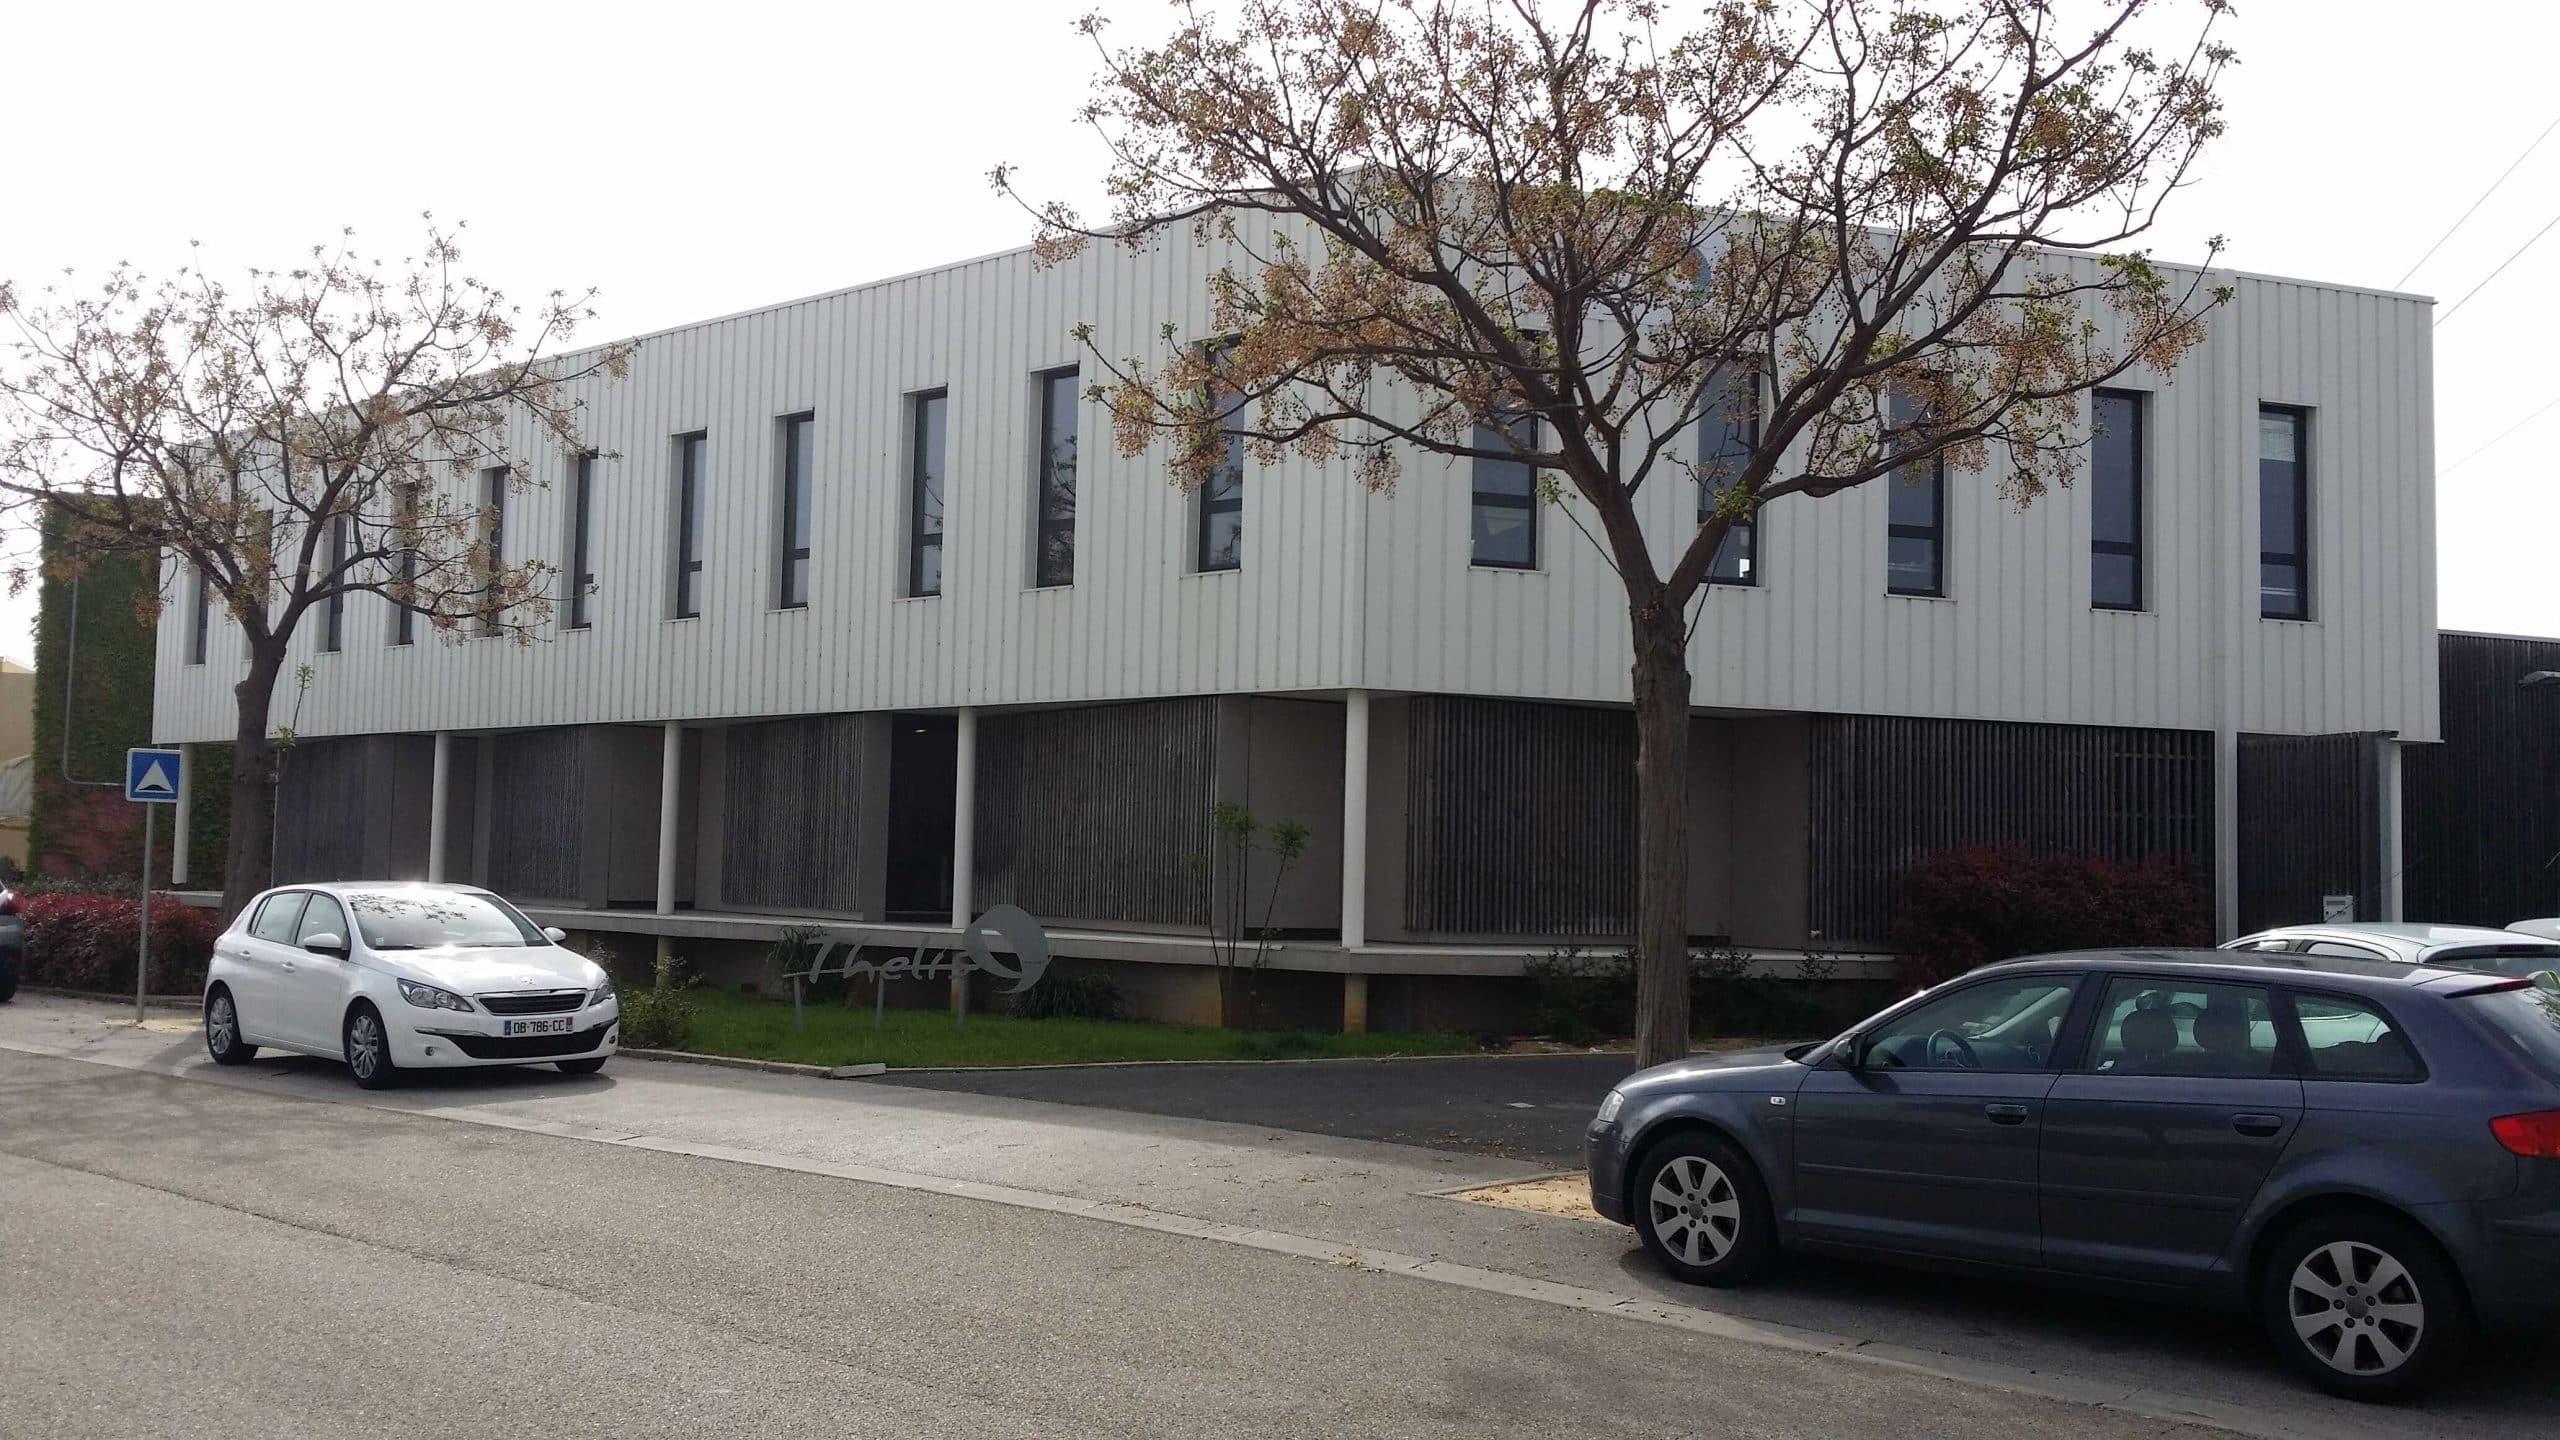 Opportunité de rachat ou relocation – Montpellier